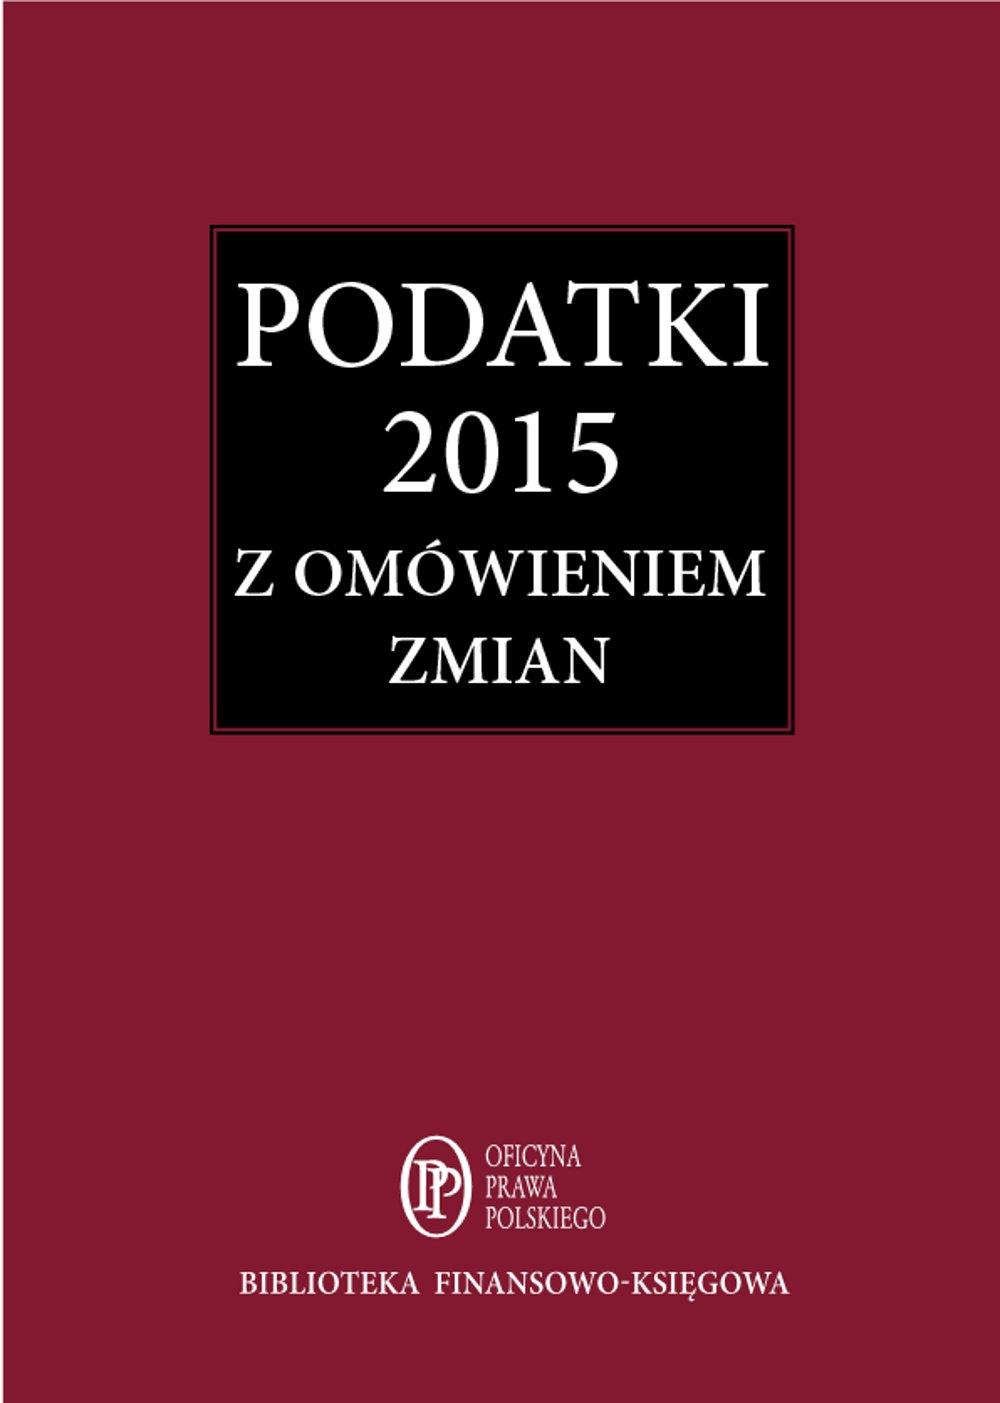 Podatki 2015. Zbiór przepisów z omówieniem zmian od 1 stycznia - Ebook (Książka EPUB) do pobrania w formacie EPUB